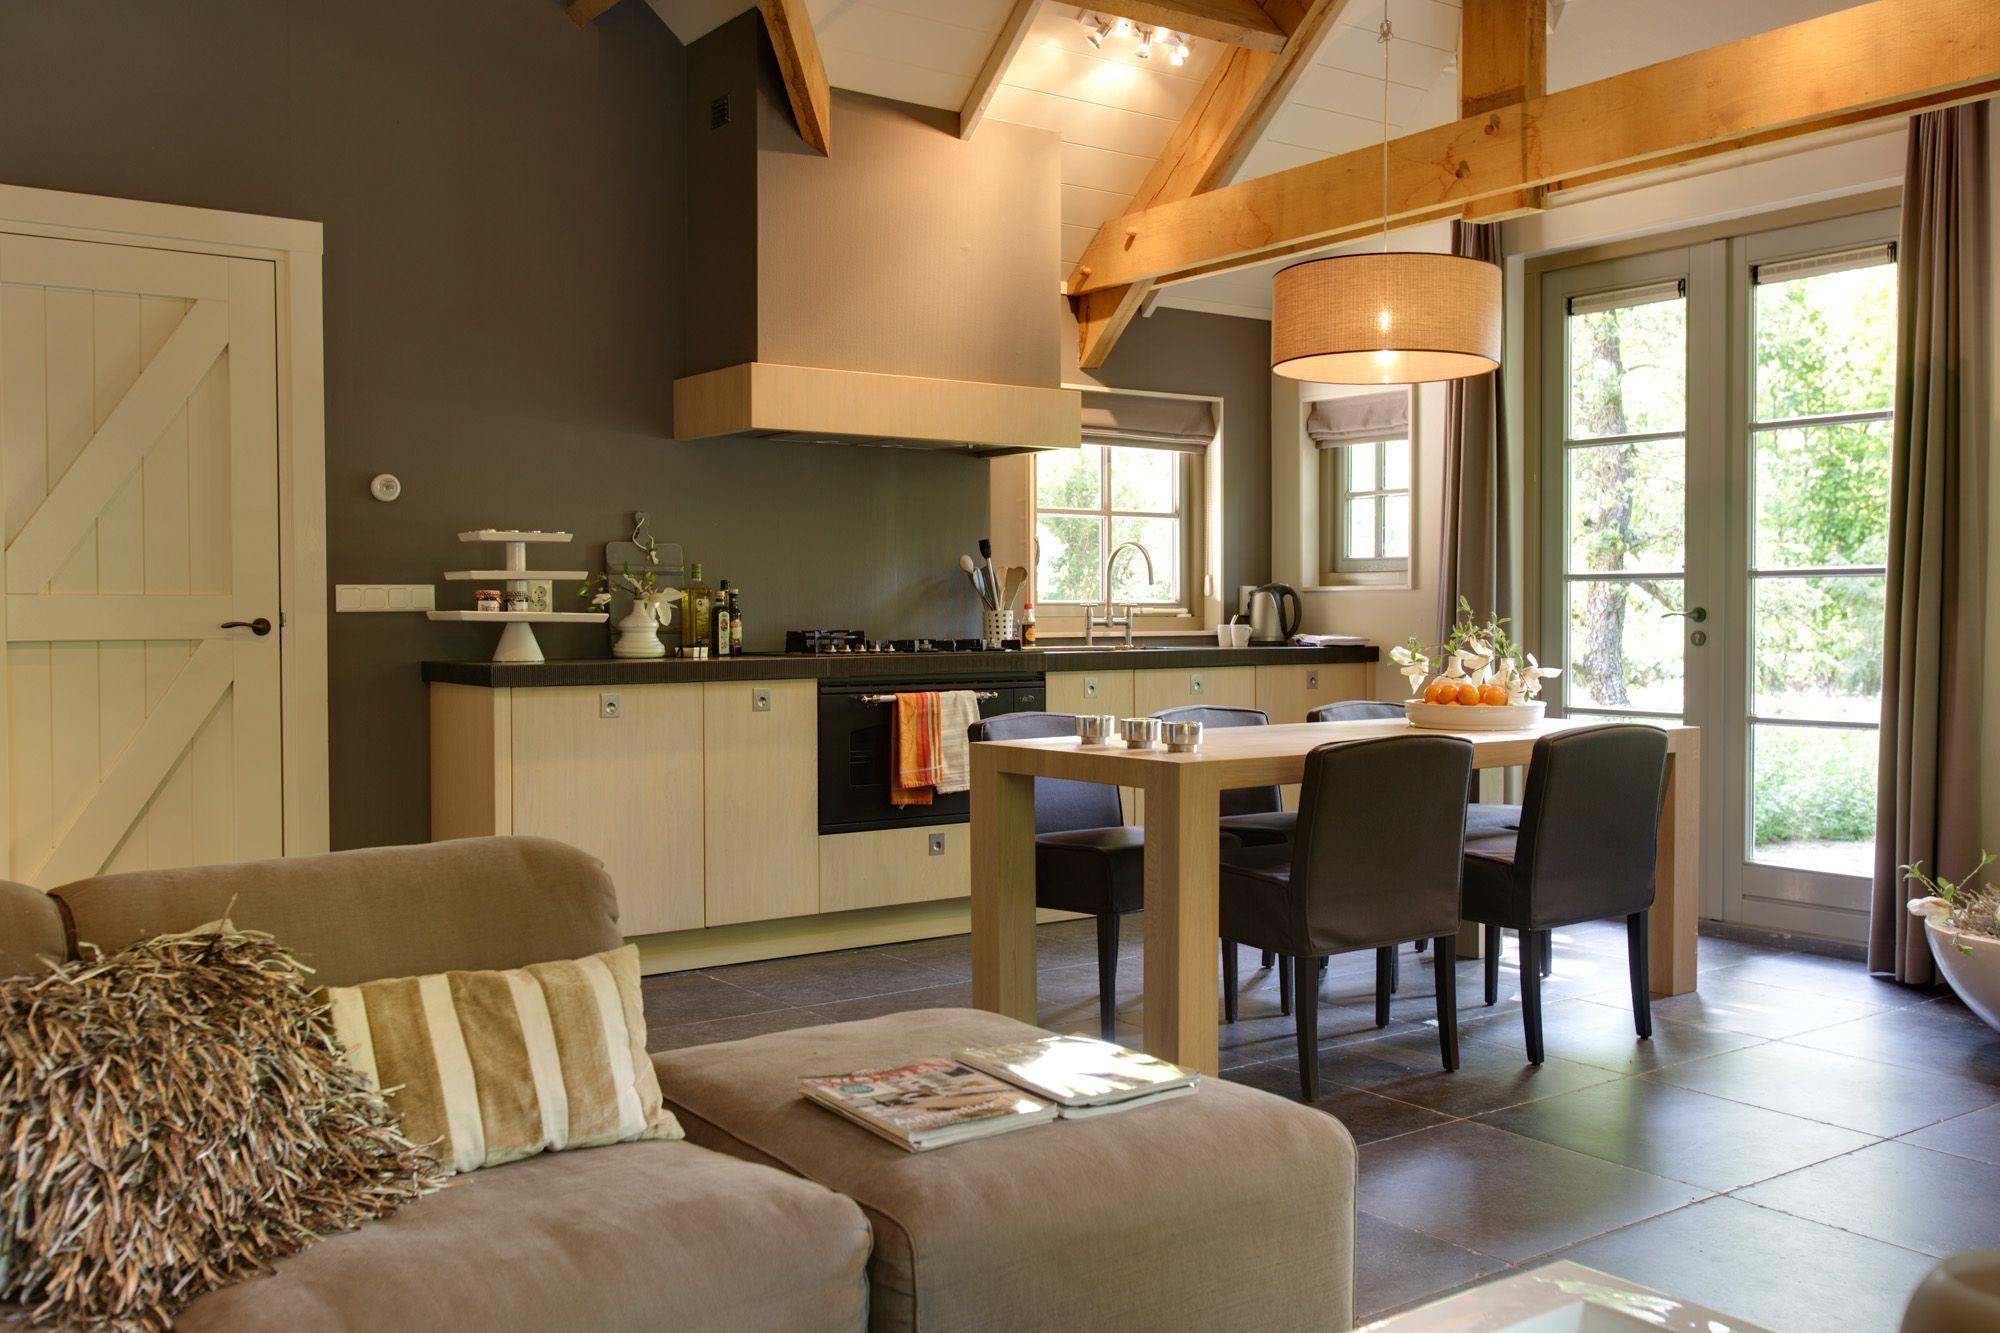 Keuken Hoekbank Met Tafel : in landelijke stijl met tafel van Van Rossum meubelen en hoekbank